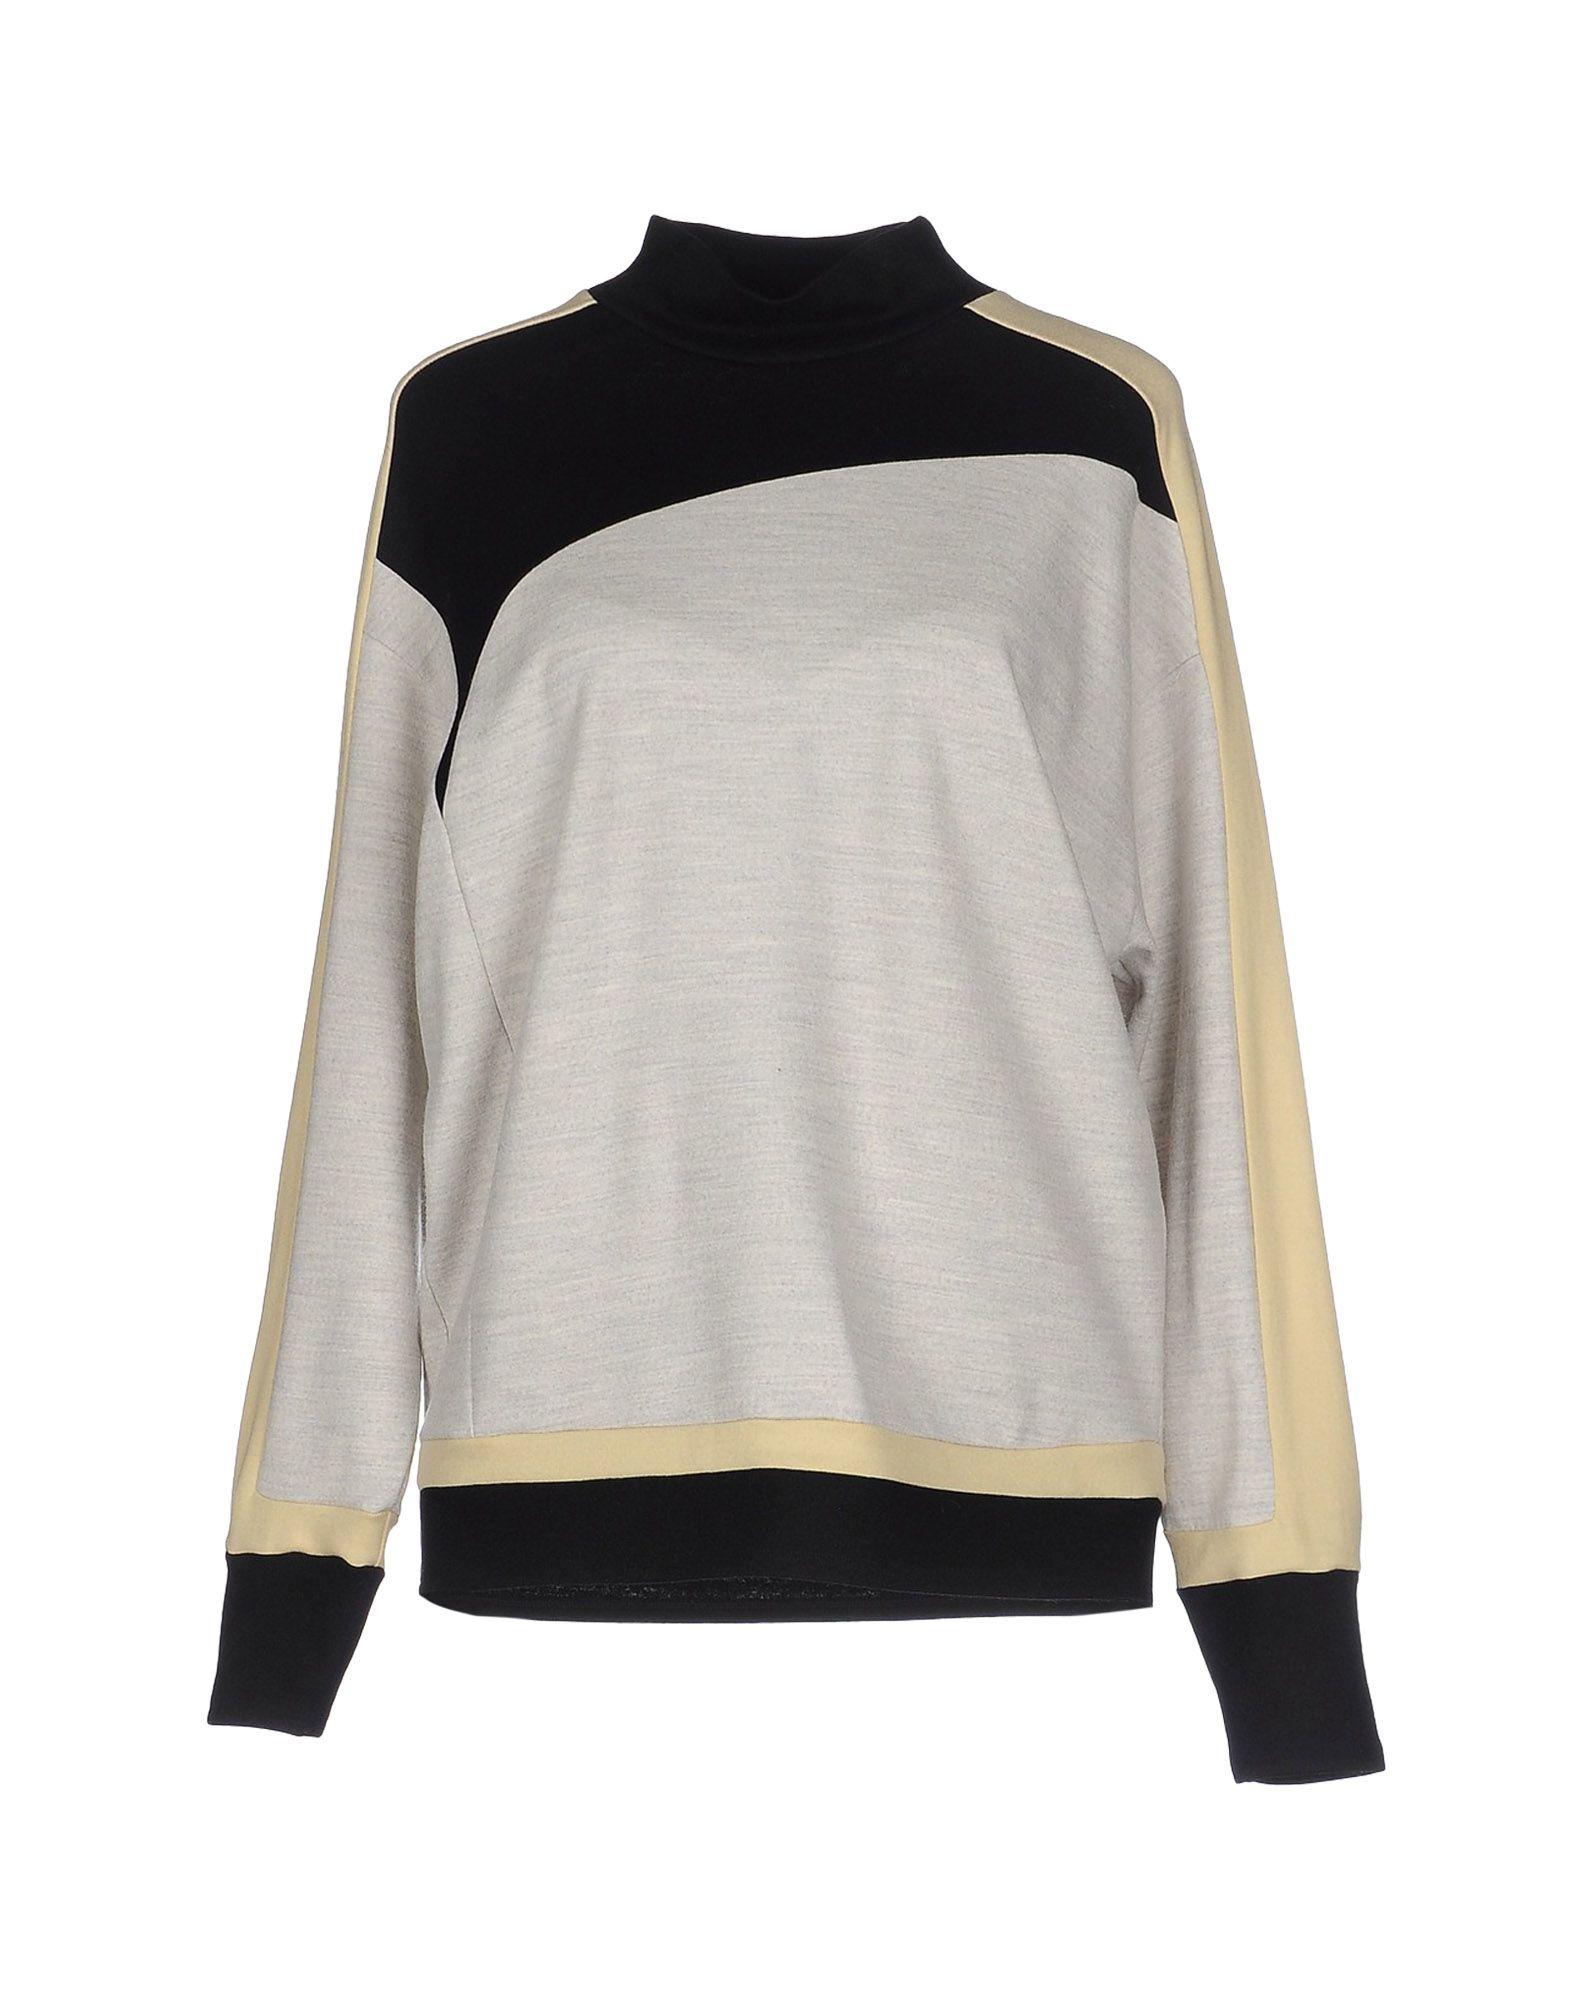 Lyst helmut lang sweatshirt in black - Sweatshirt kleid lang ...